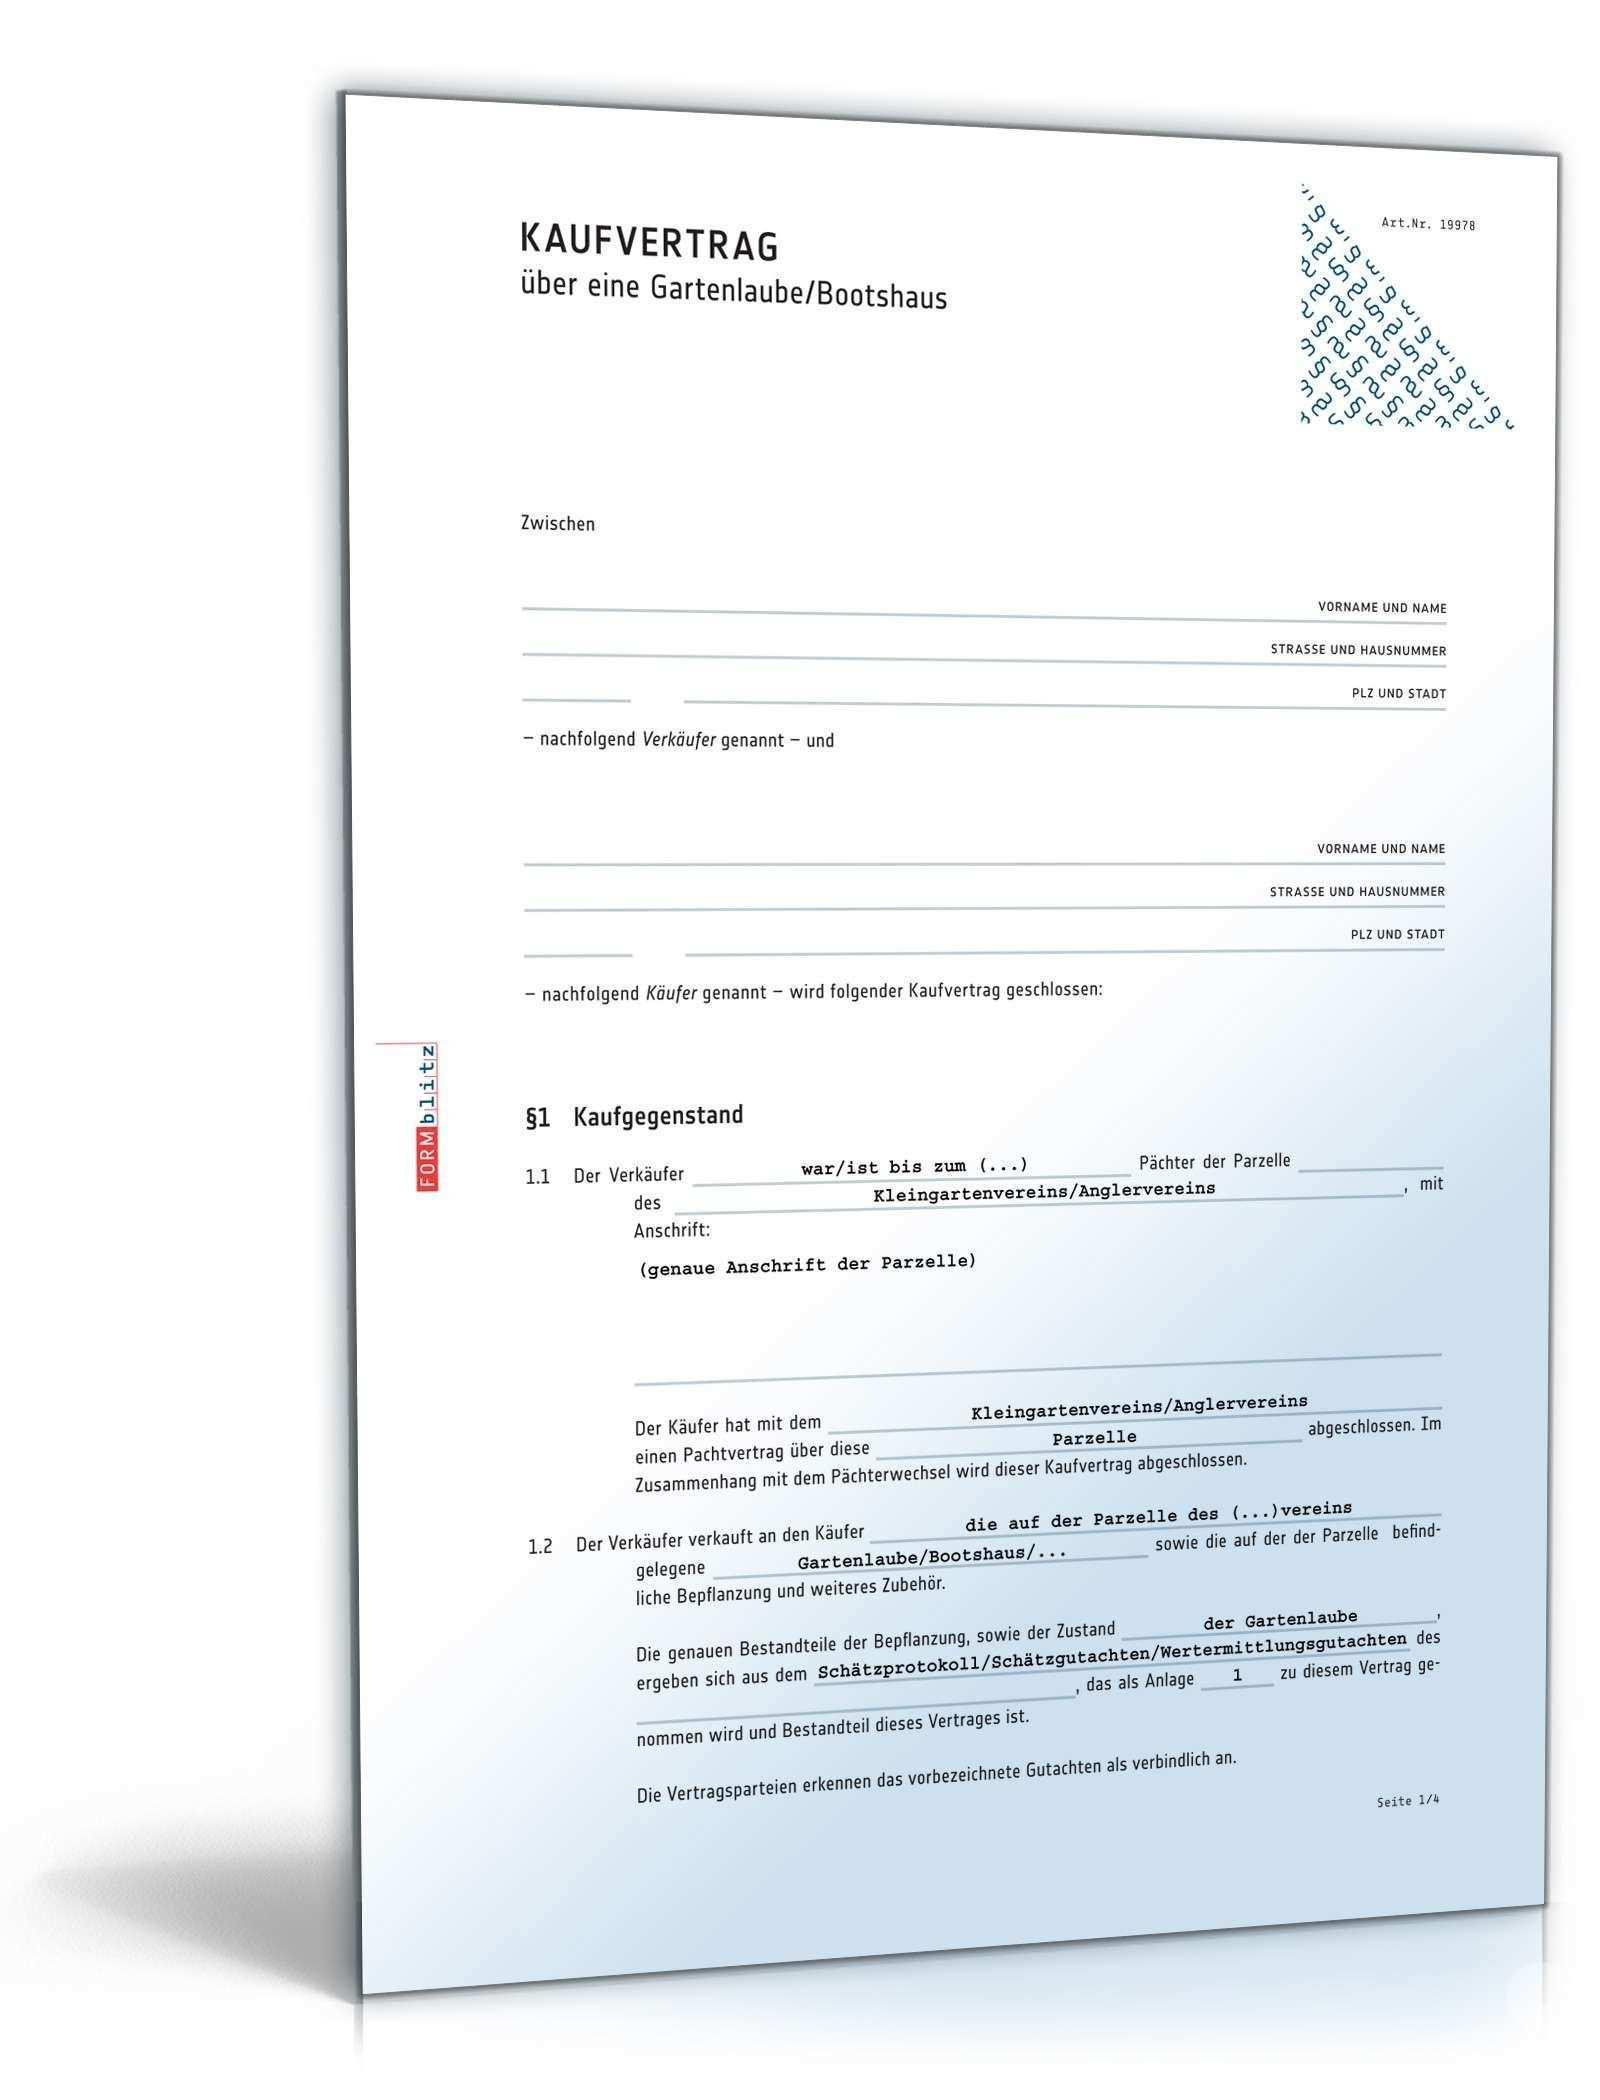 Kaufvertrag Garten Mit Laube Von Unseren Lieblingsdesignern Von Kaufvertrag Garten Rechtssicheres Muster Zum Download Bez Document Templates Templates Resume